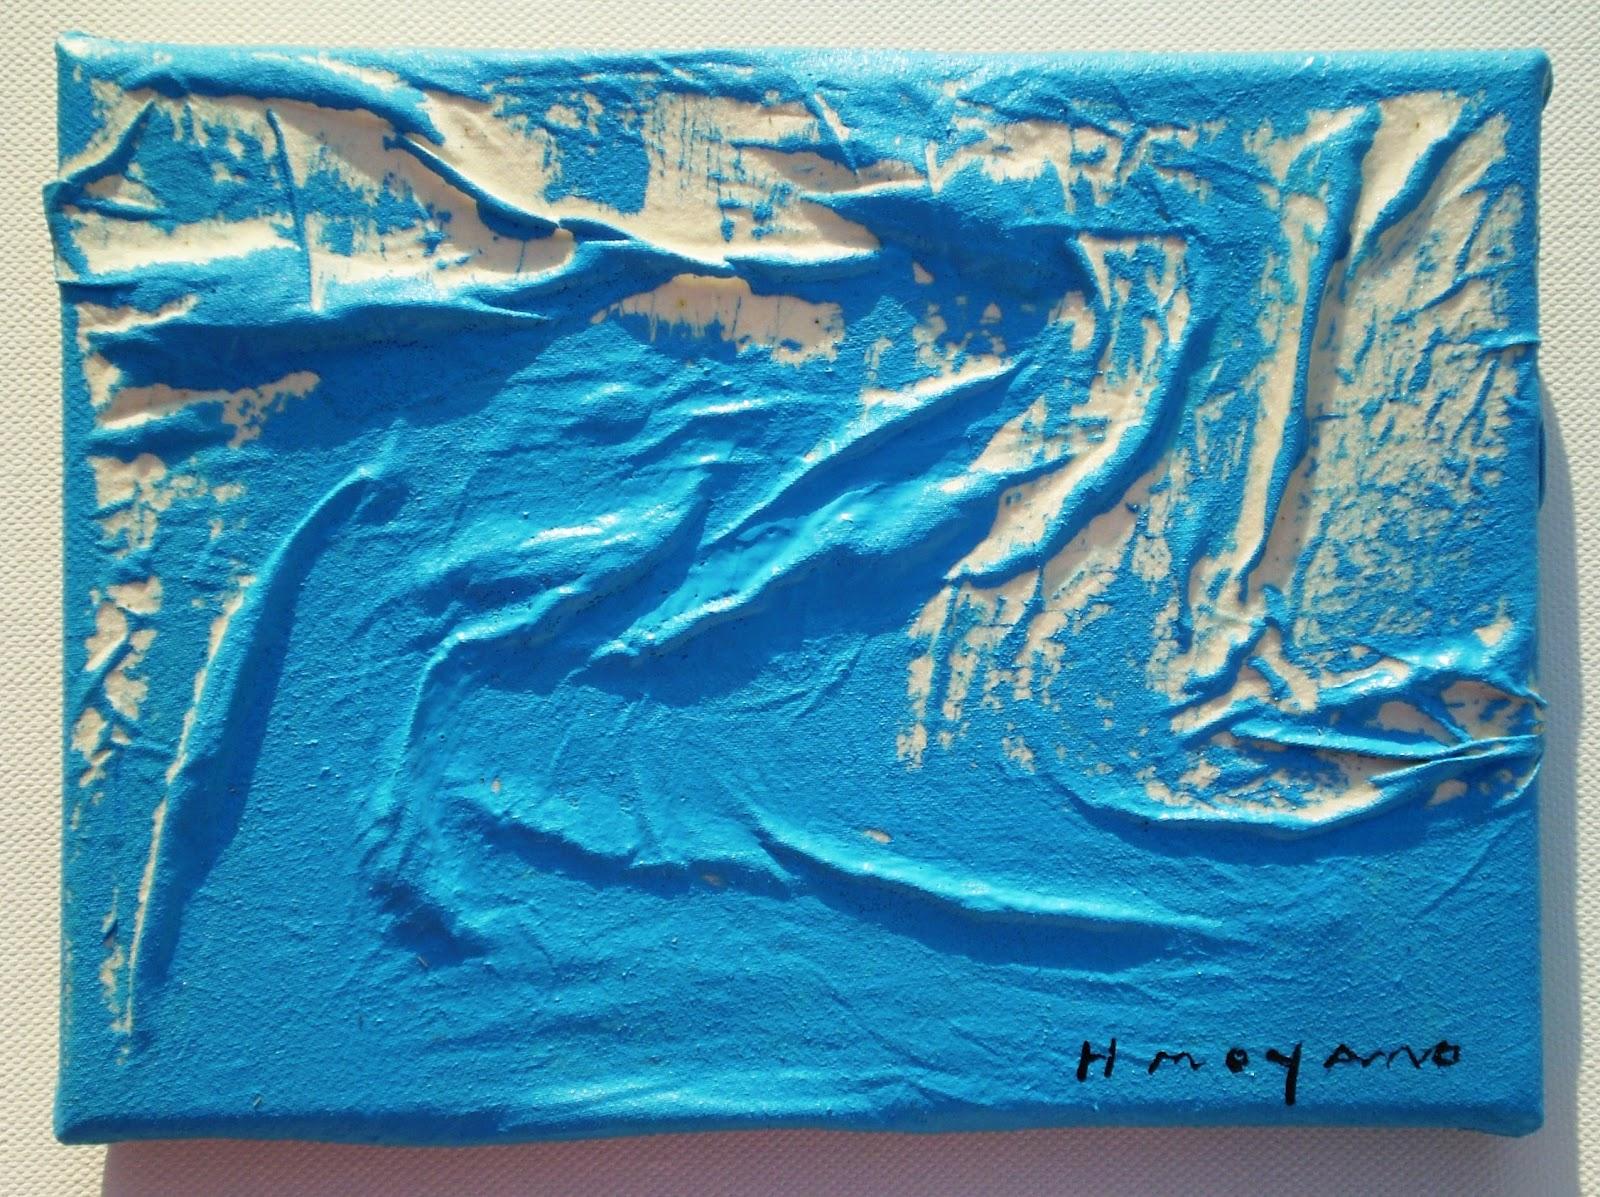 http://3.bp.blogspot.com/-CkiDc3w3GhY/T9yLFArKlFI/AAAAAAAAAcI/a8ObW1HjYDg/s1600/Surfer+(160x220mm)+mixed+on+canvas+-+wb.jpg